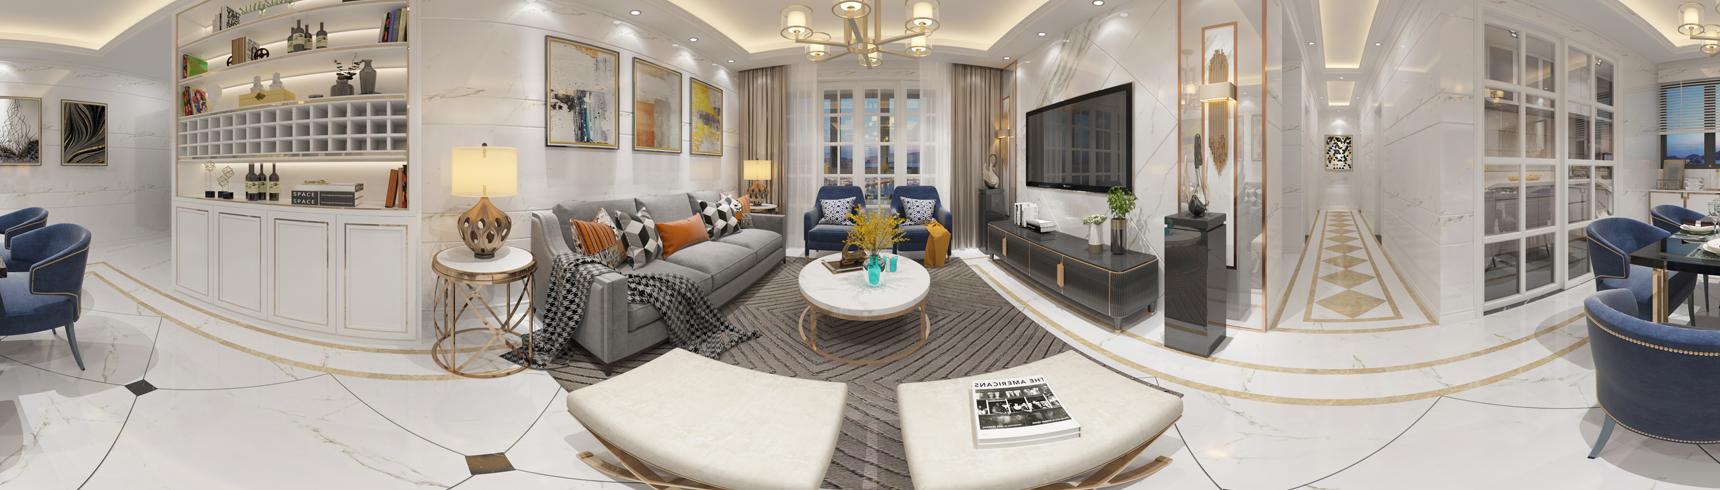 现代客餐厅全景 沙发 茶几 吊灯 挂画 电视柜 电视 摆件 餐桌椅3D模型下载